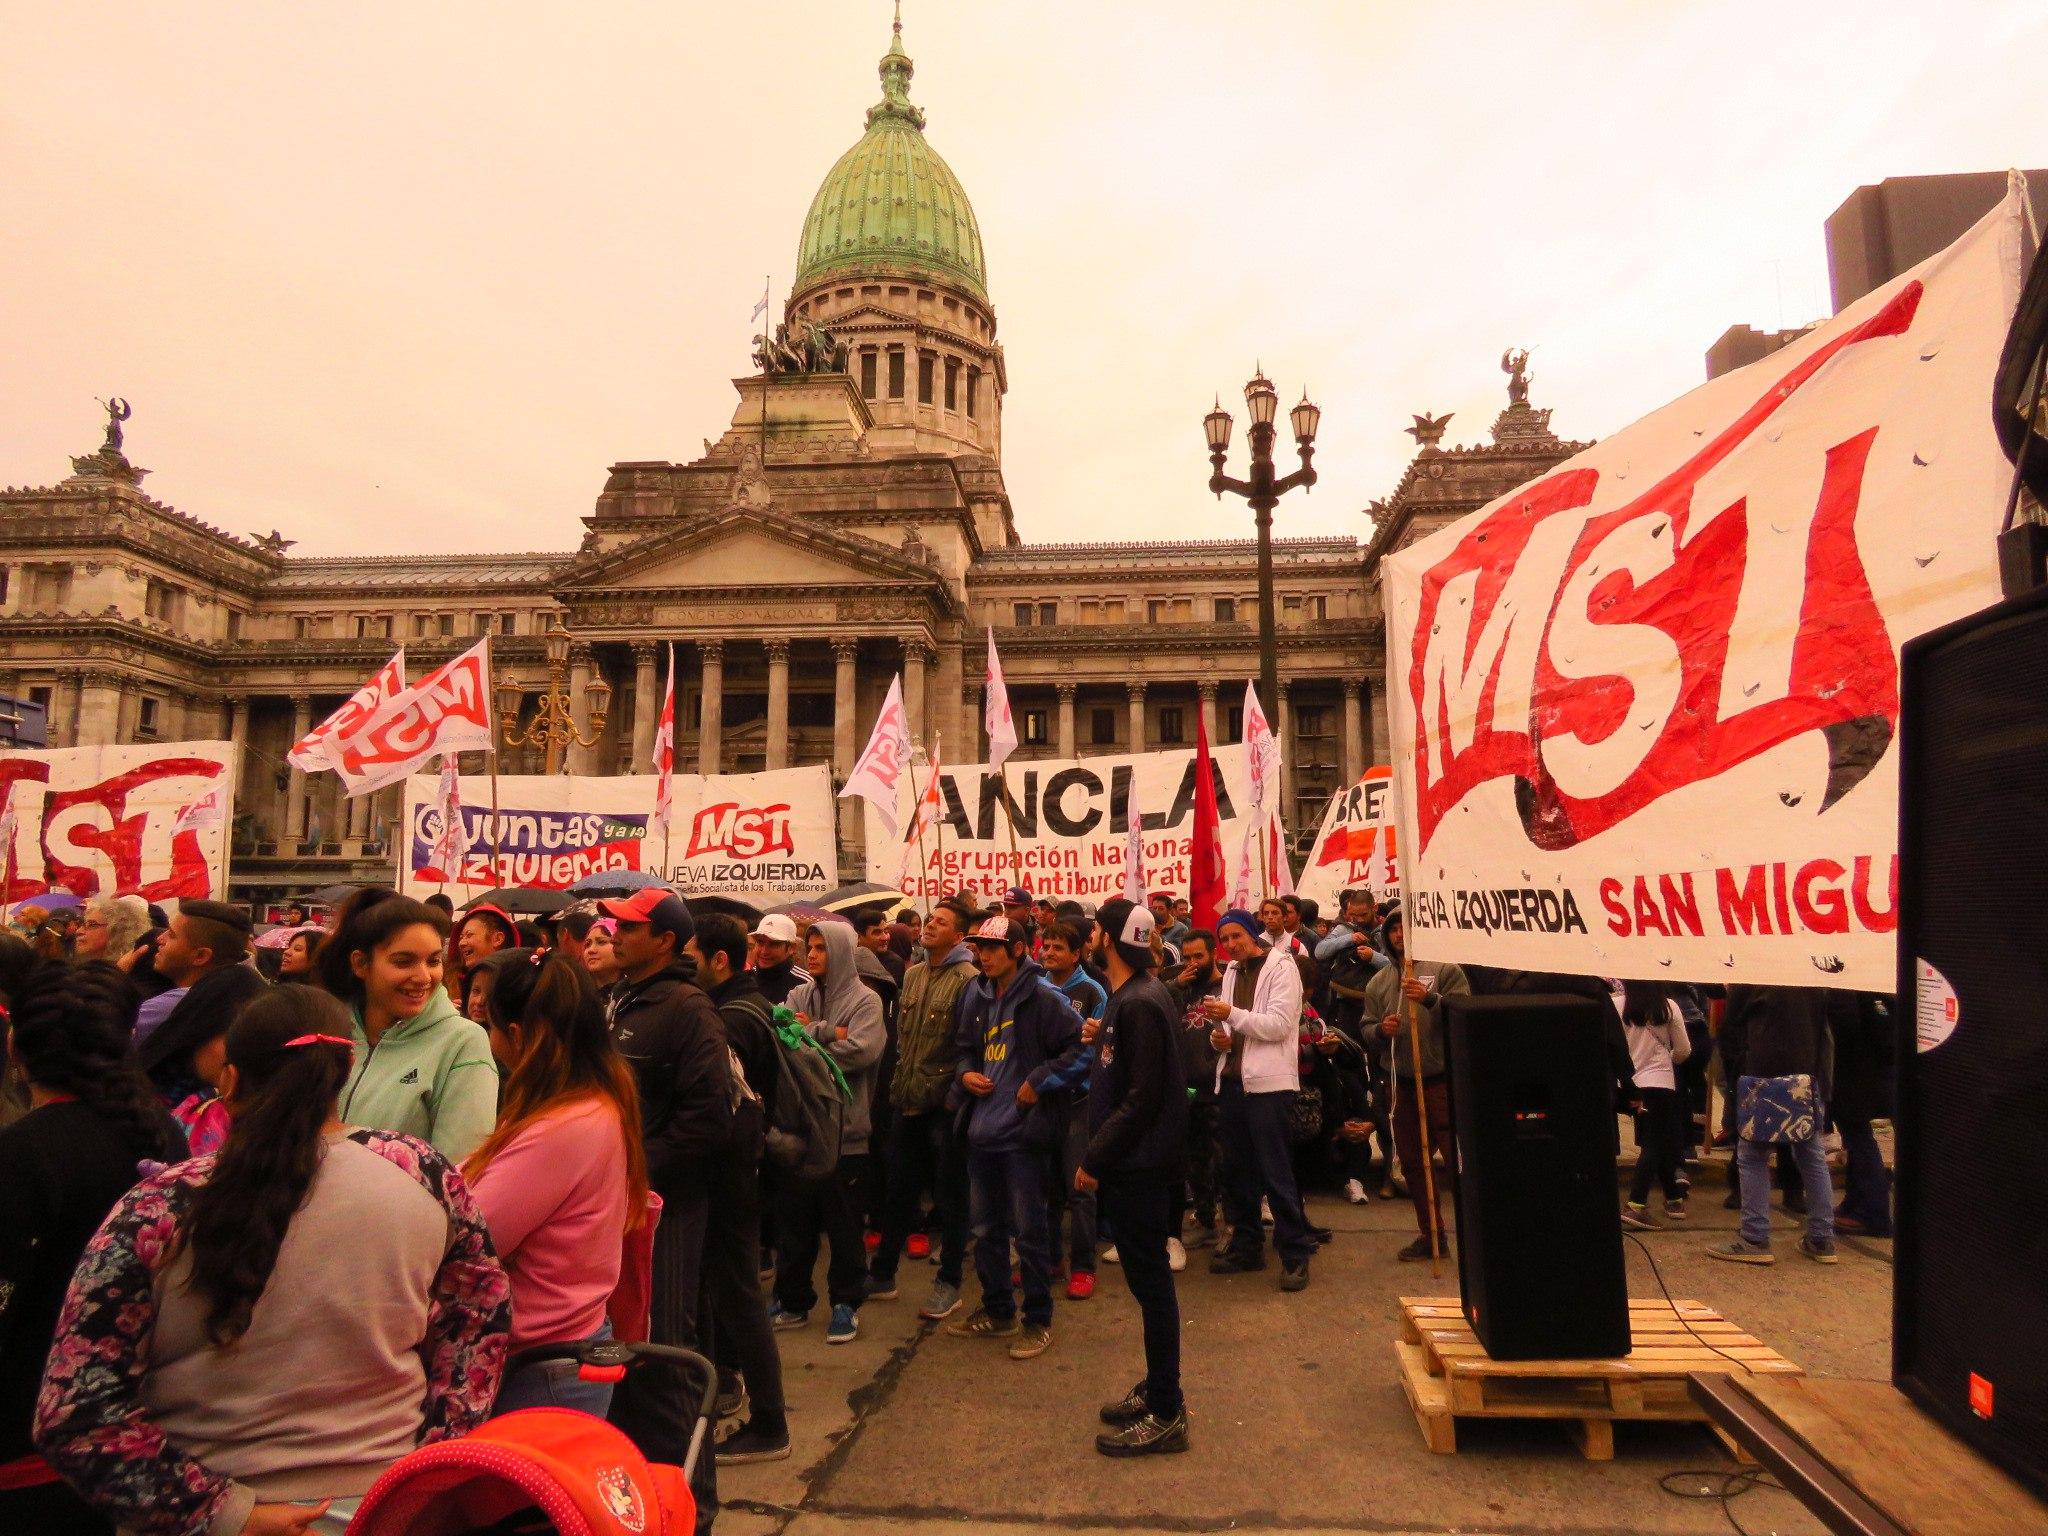 1 мая в Буэнос-Айресе - день осени и труда, или Día del trabajador.